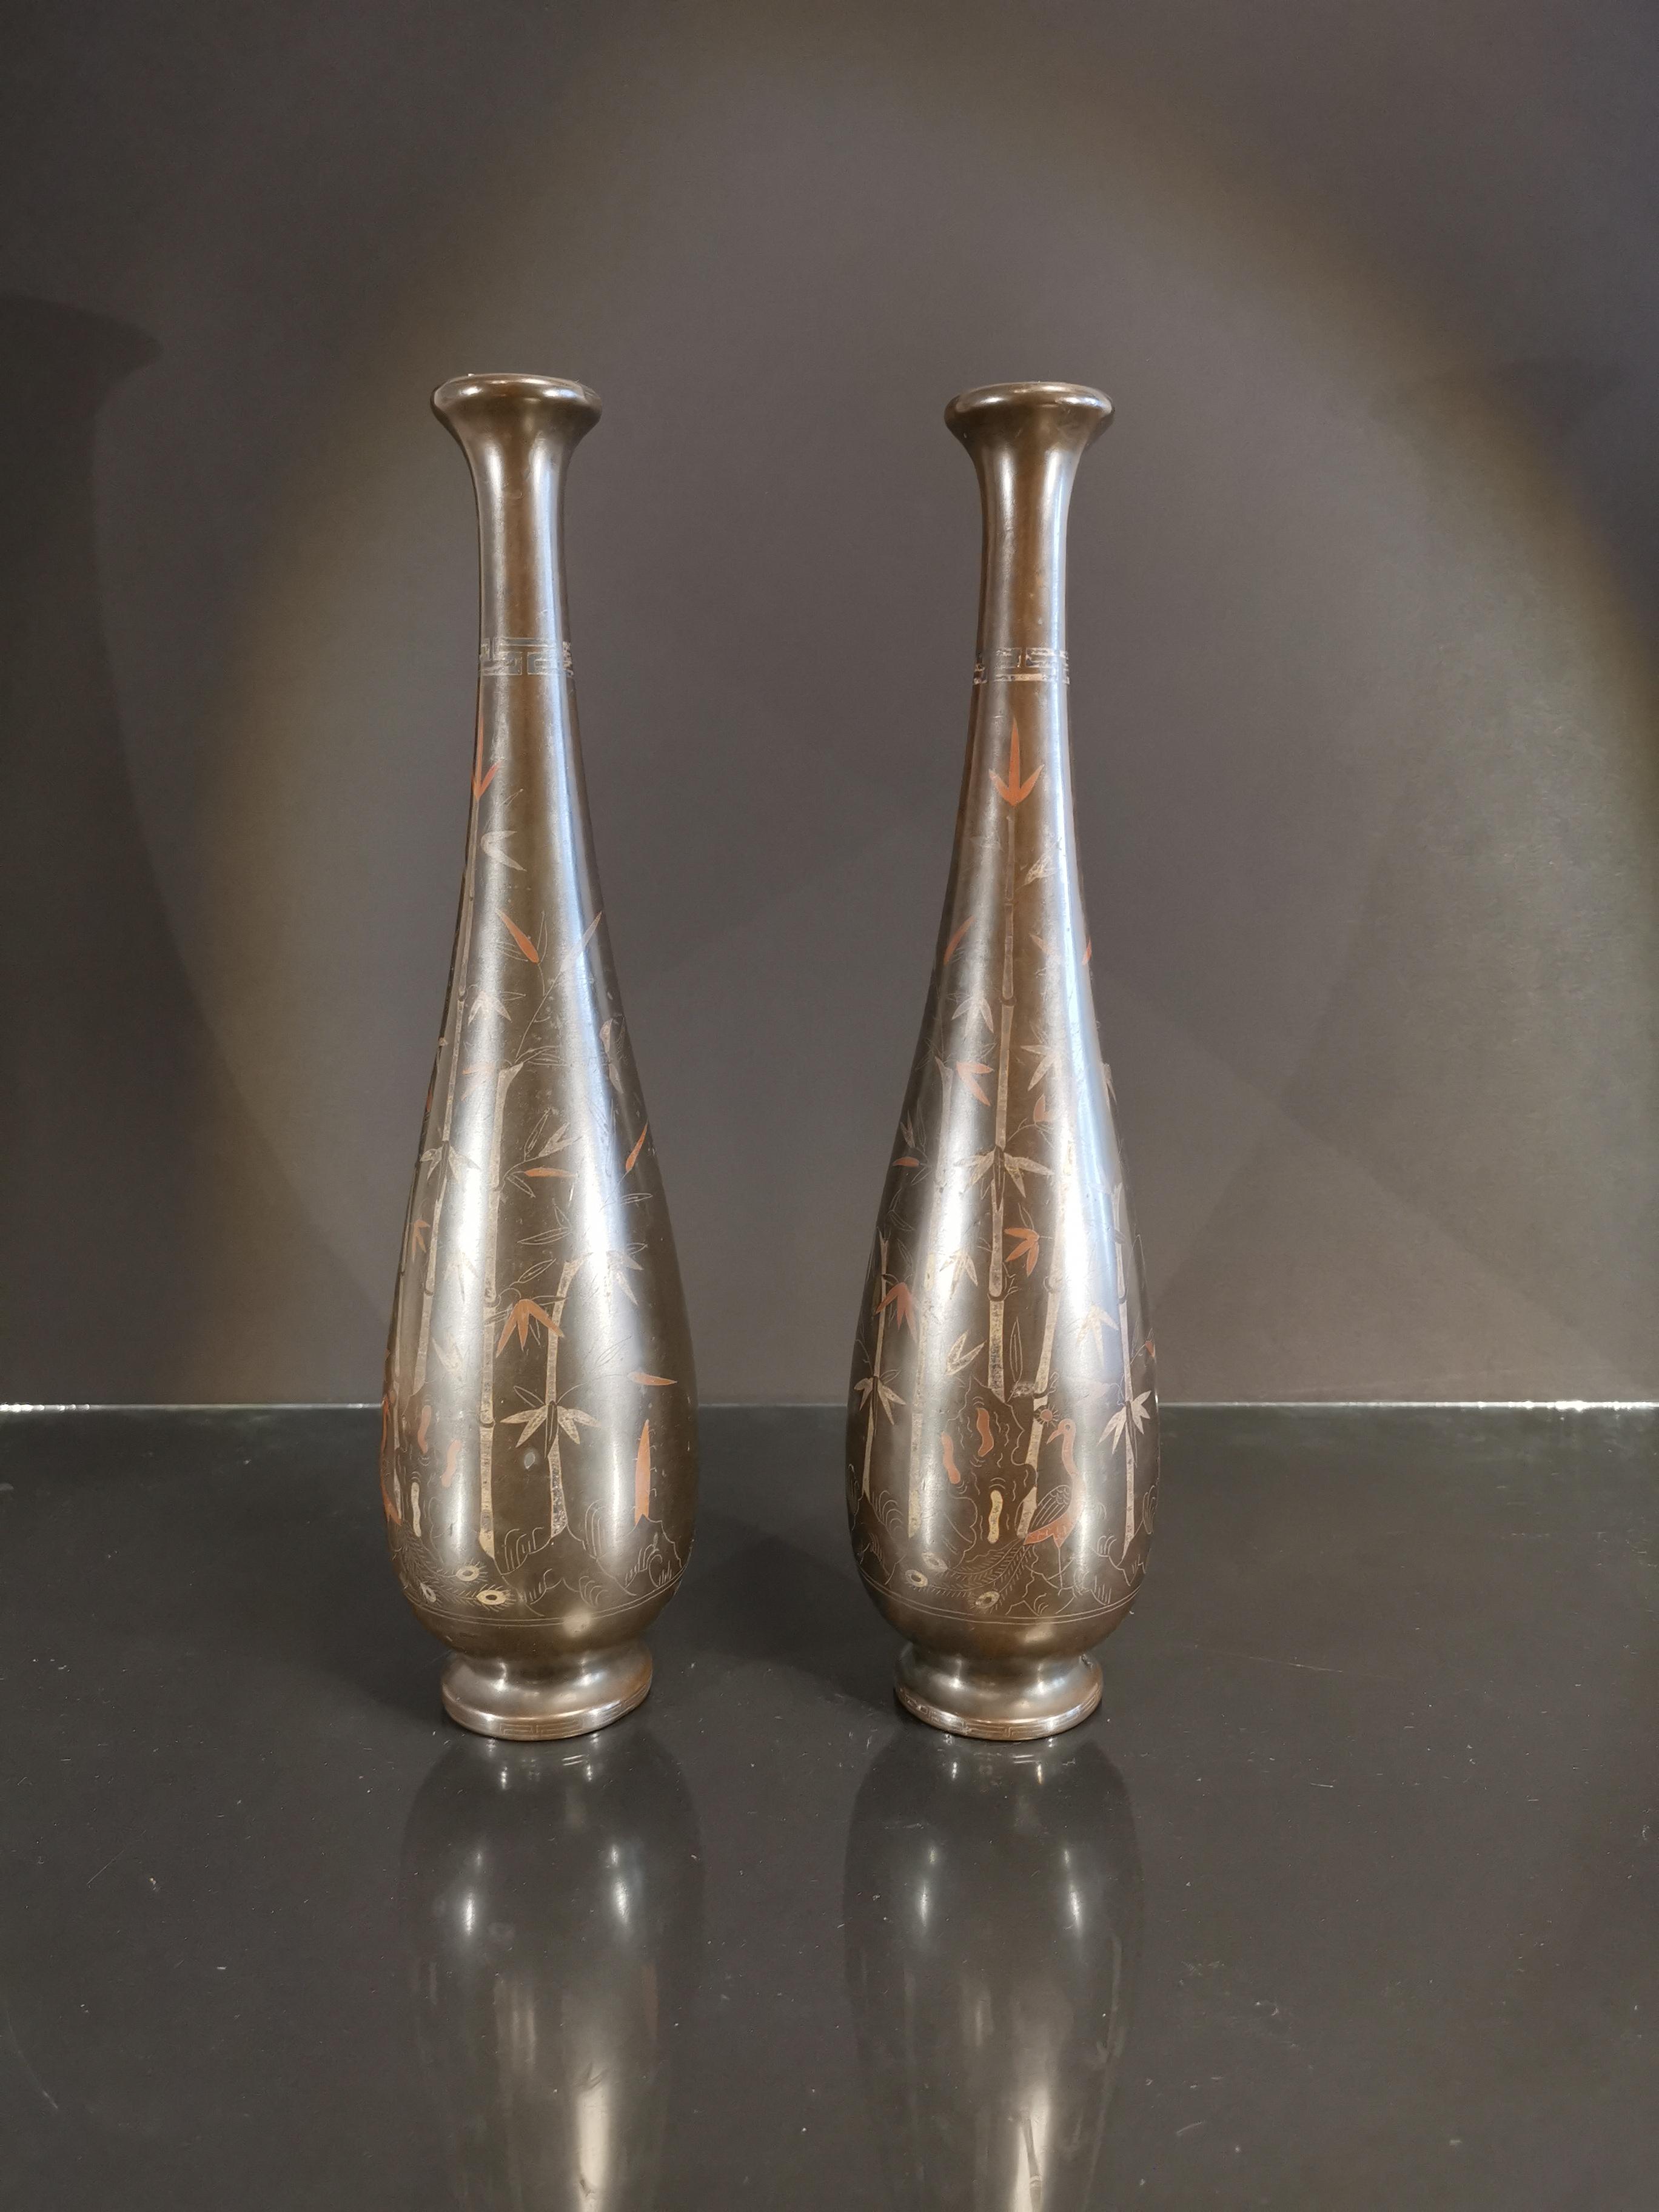 VIETNAM. Paire de vase balustre à décor d'incrustation de bambous. H. : 37,5 cm. -